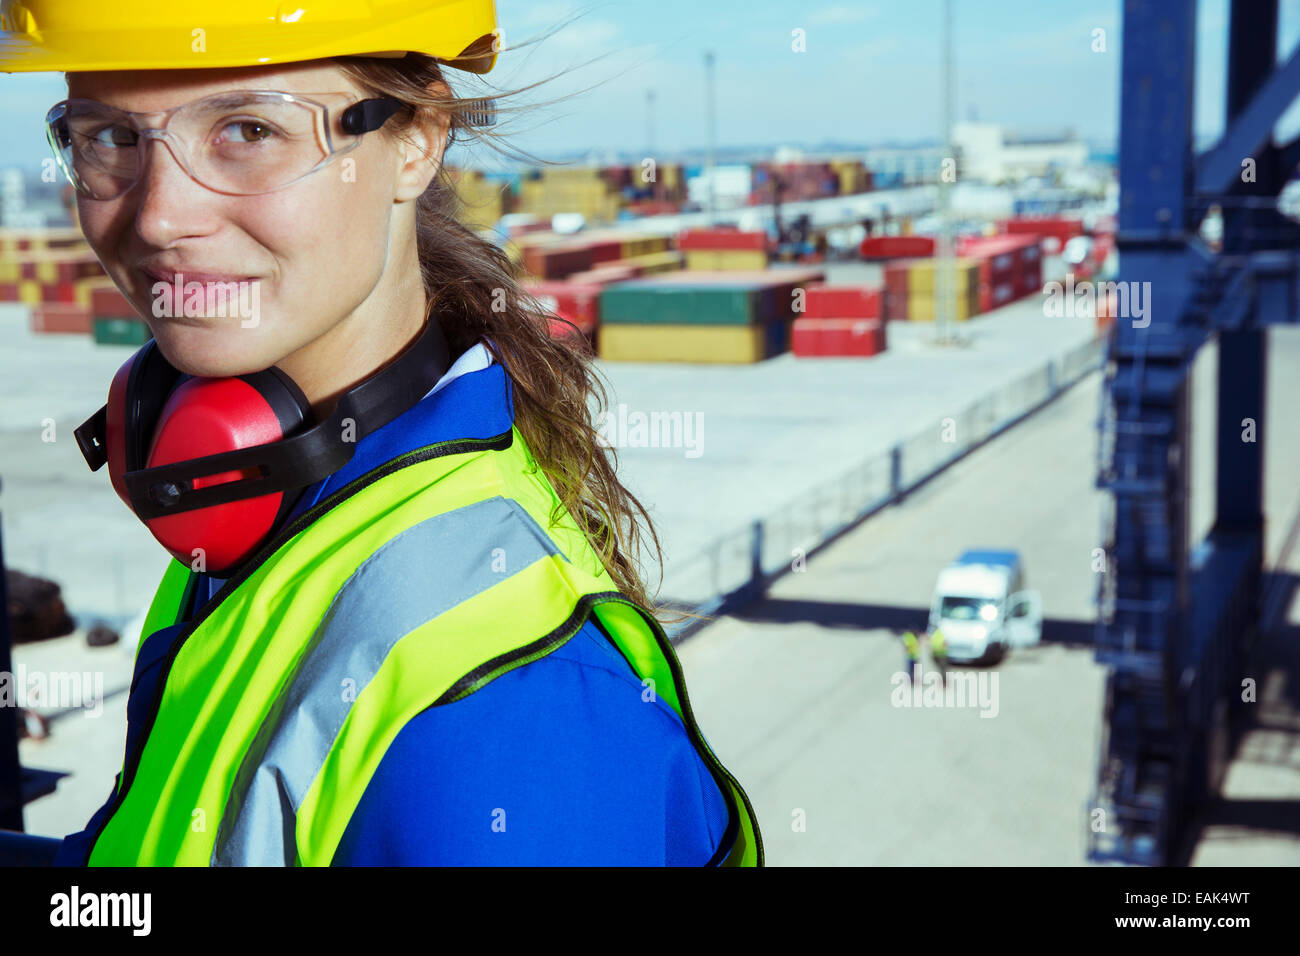 Worker smiling près de conteneurs de fret Photo Stock